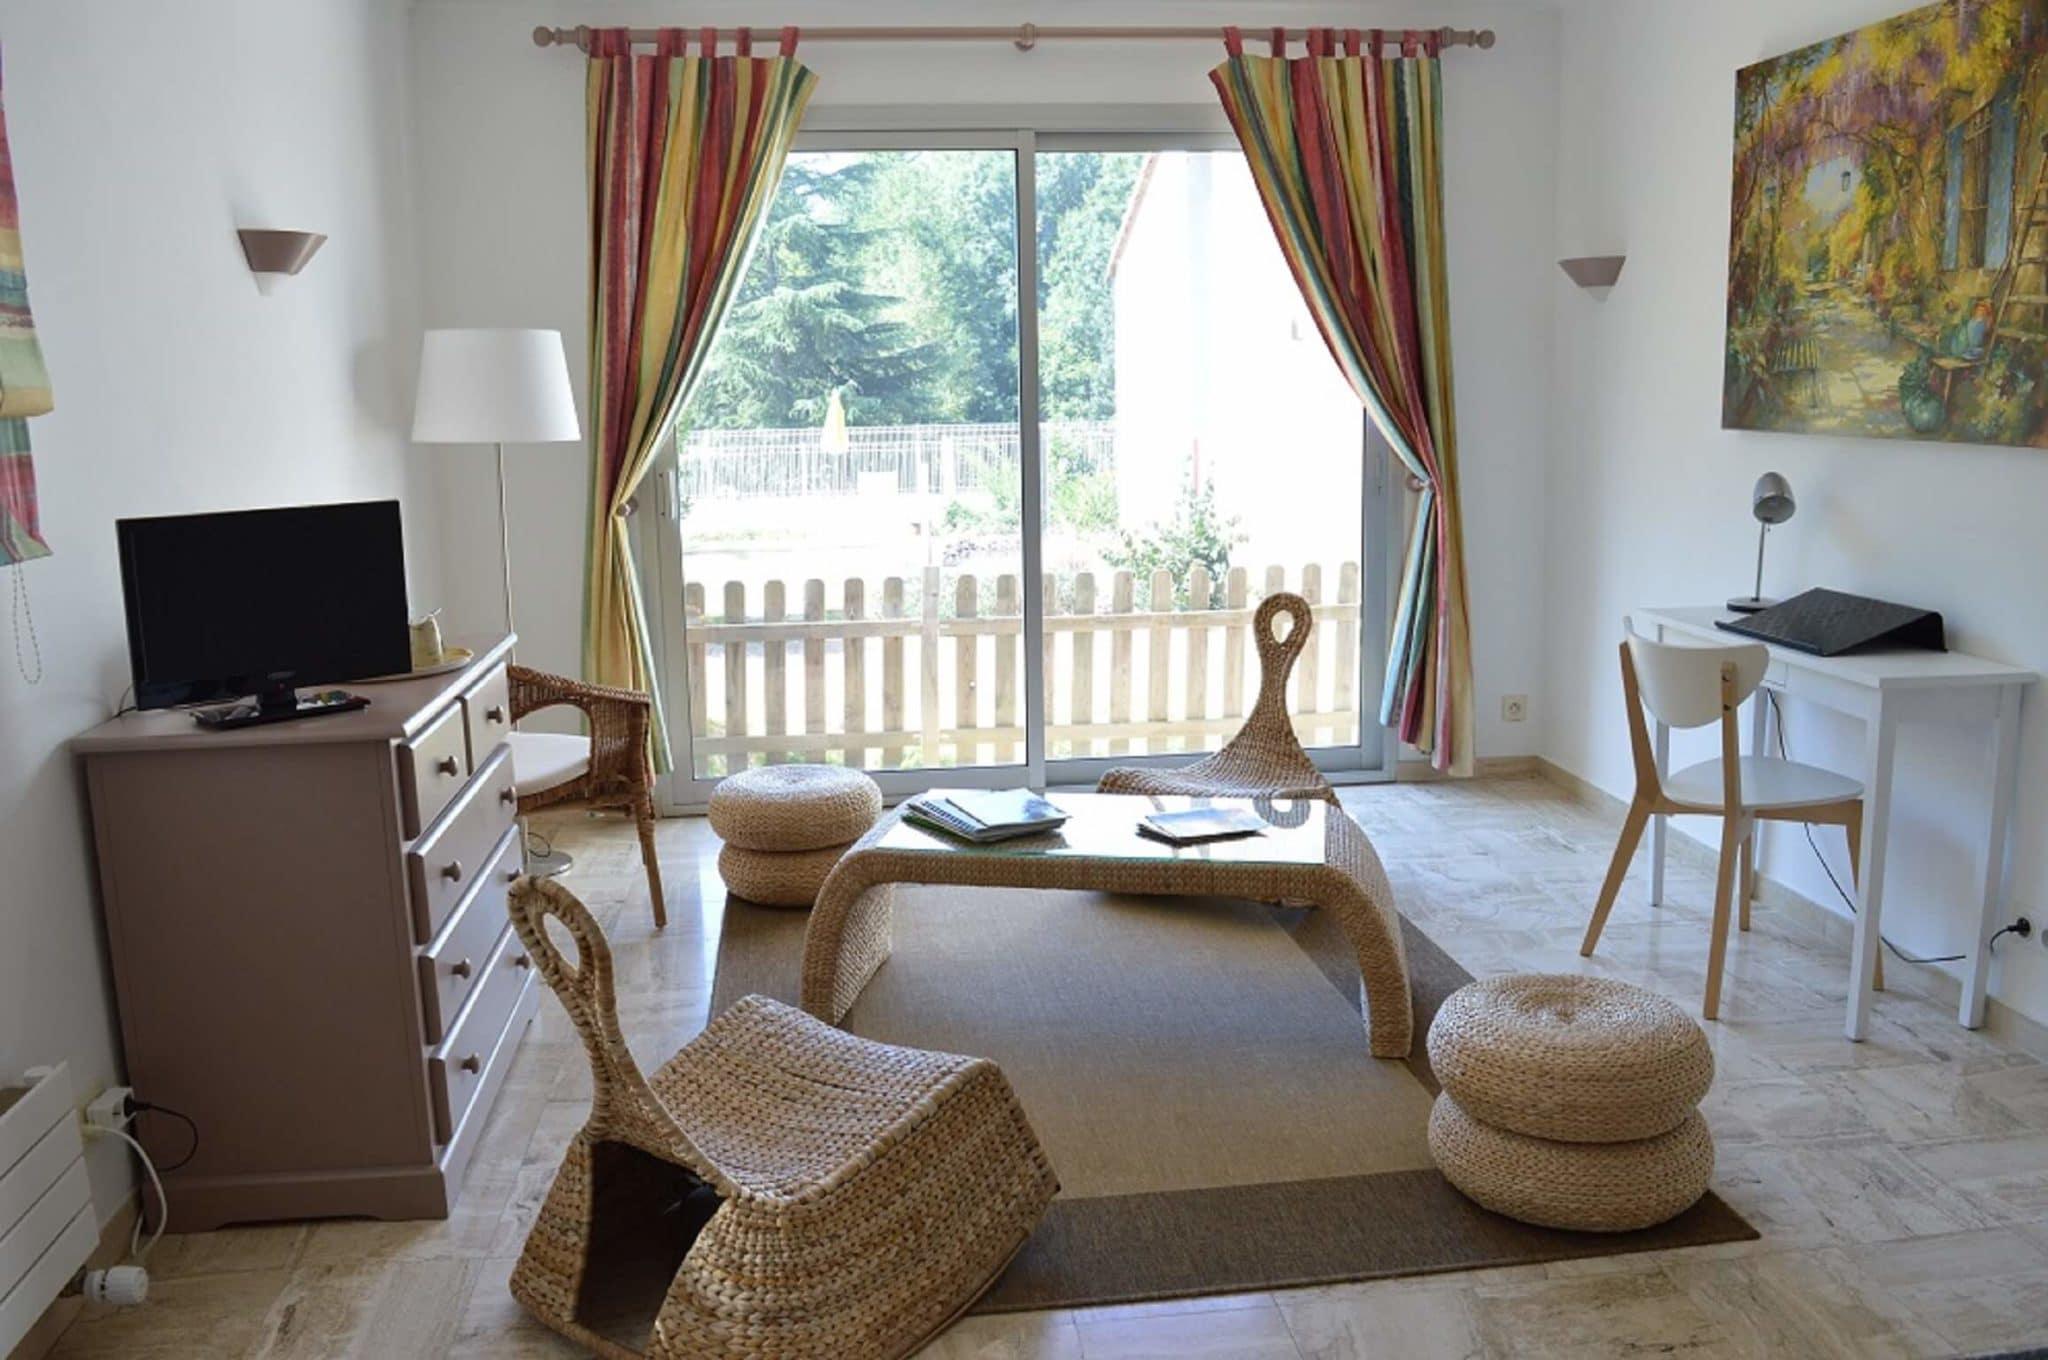 chambre d 39 h tes familiale pr s du puy du fou en vend e. Black Bedroom Furniture Sets. Home Design Ideas